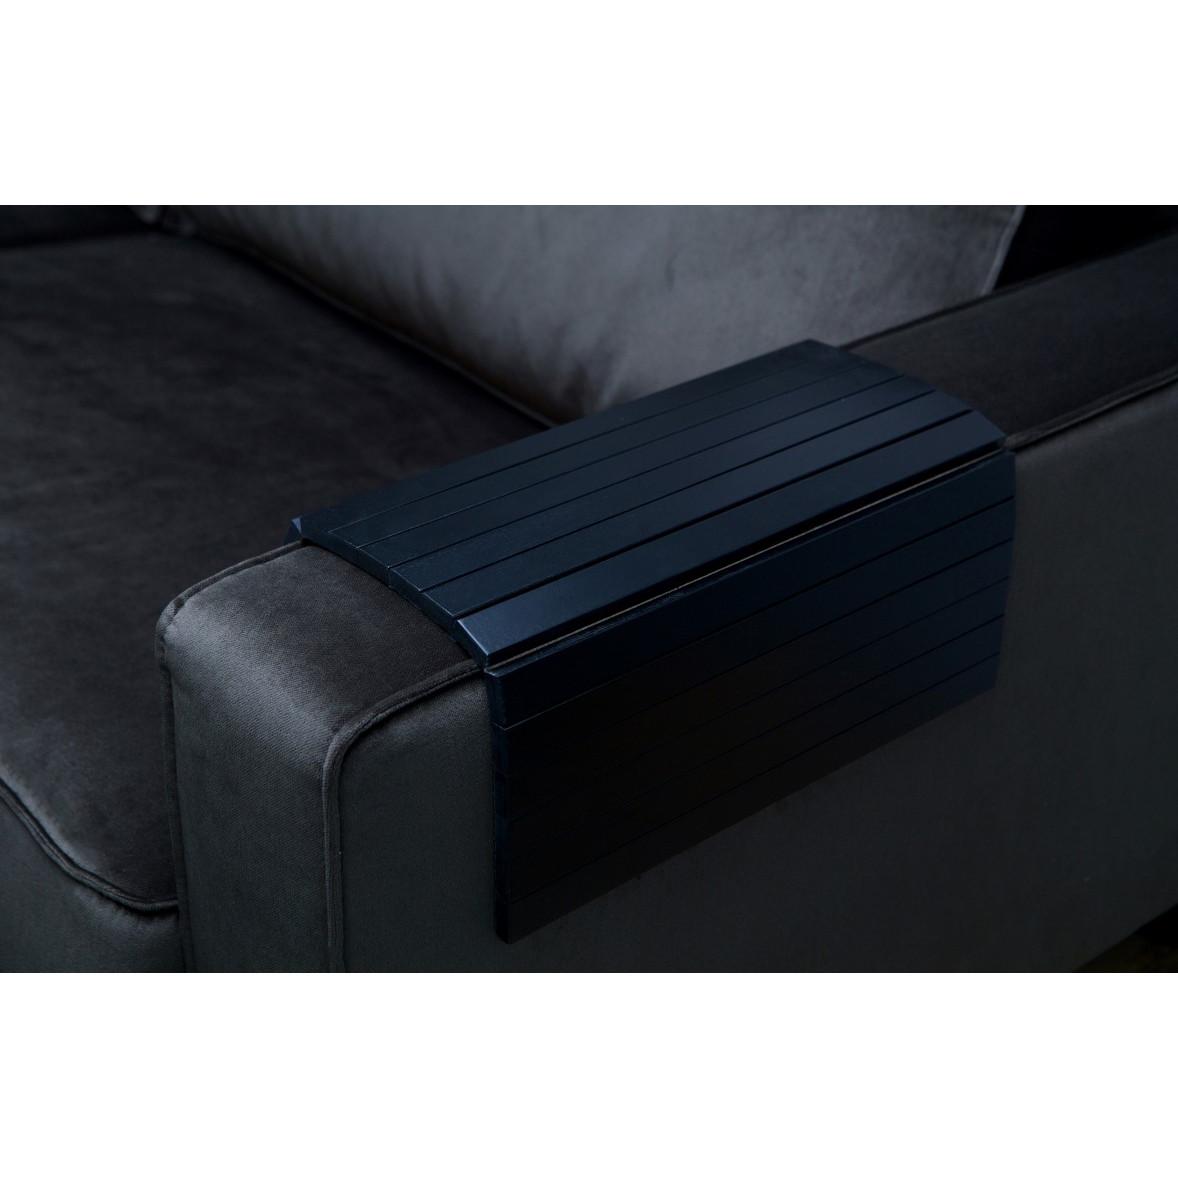 Flexible Wooden Armrest Tray XL | Black